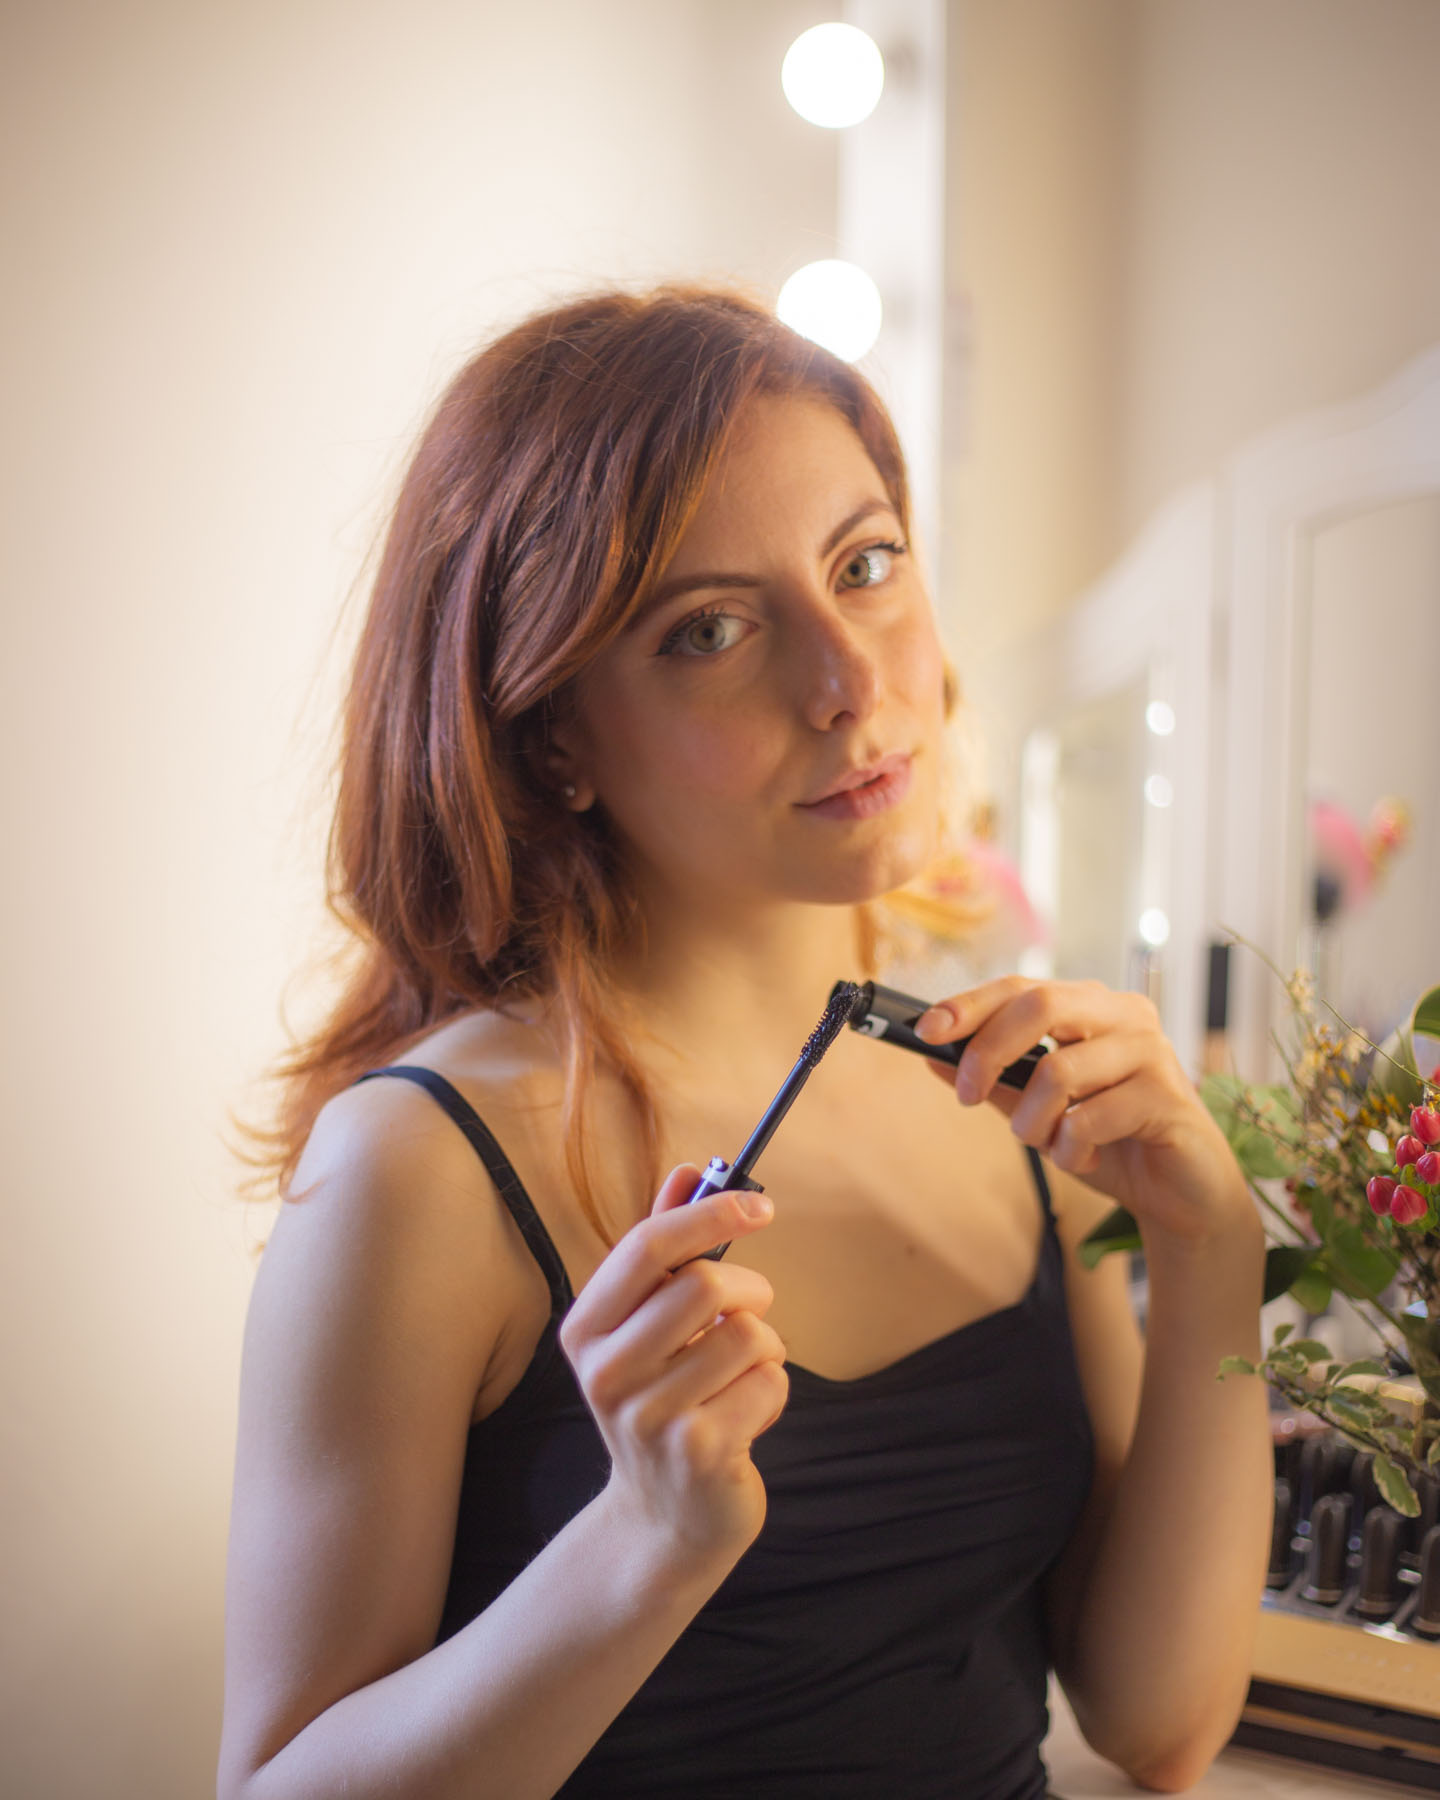 Recensione Mascara So Volume di Sisley: la mia opinione e come lo uso